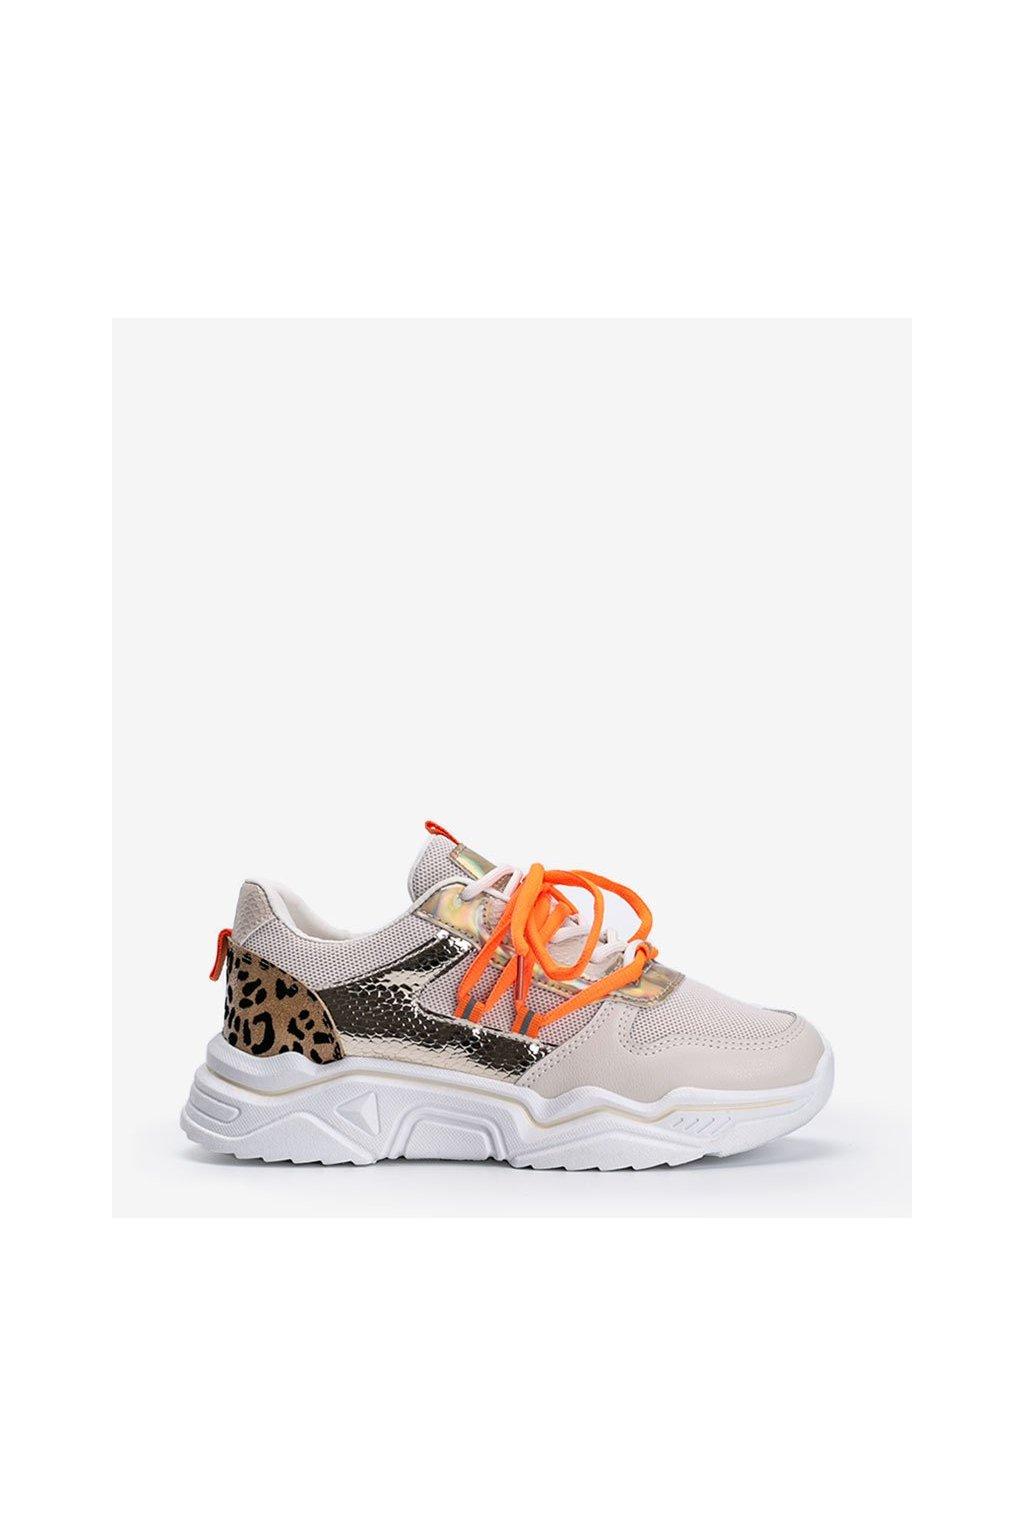 Dámske topánky tenisky hnedé kód H99-65 - GM